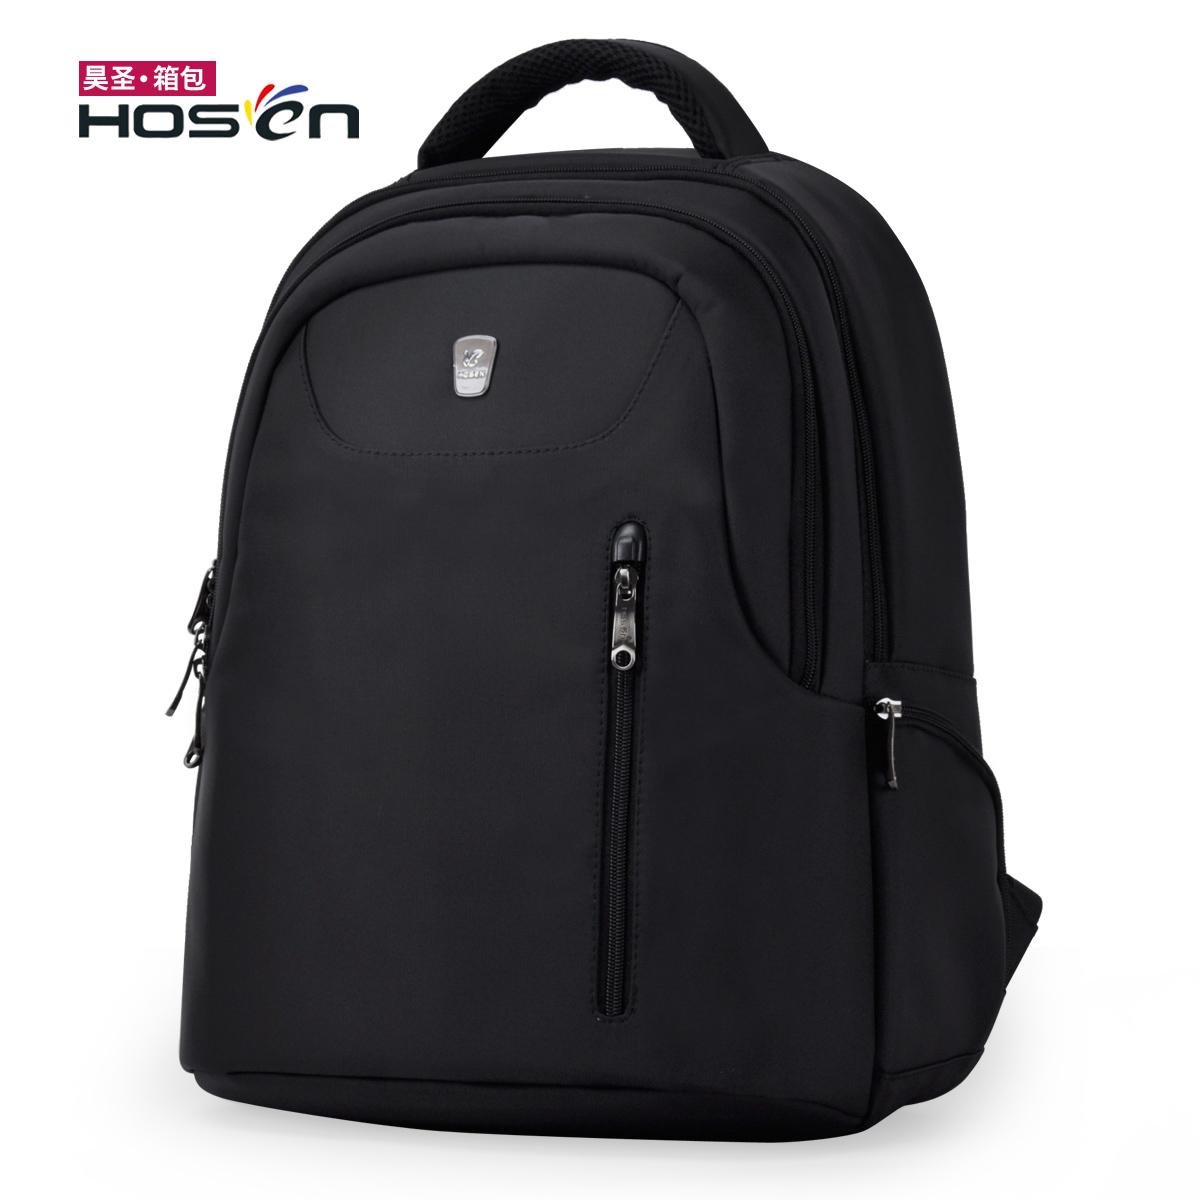 此款只接受定制-Hosen/昊圣361双肩背电脑包多功能商务休闲旅行包